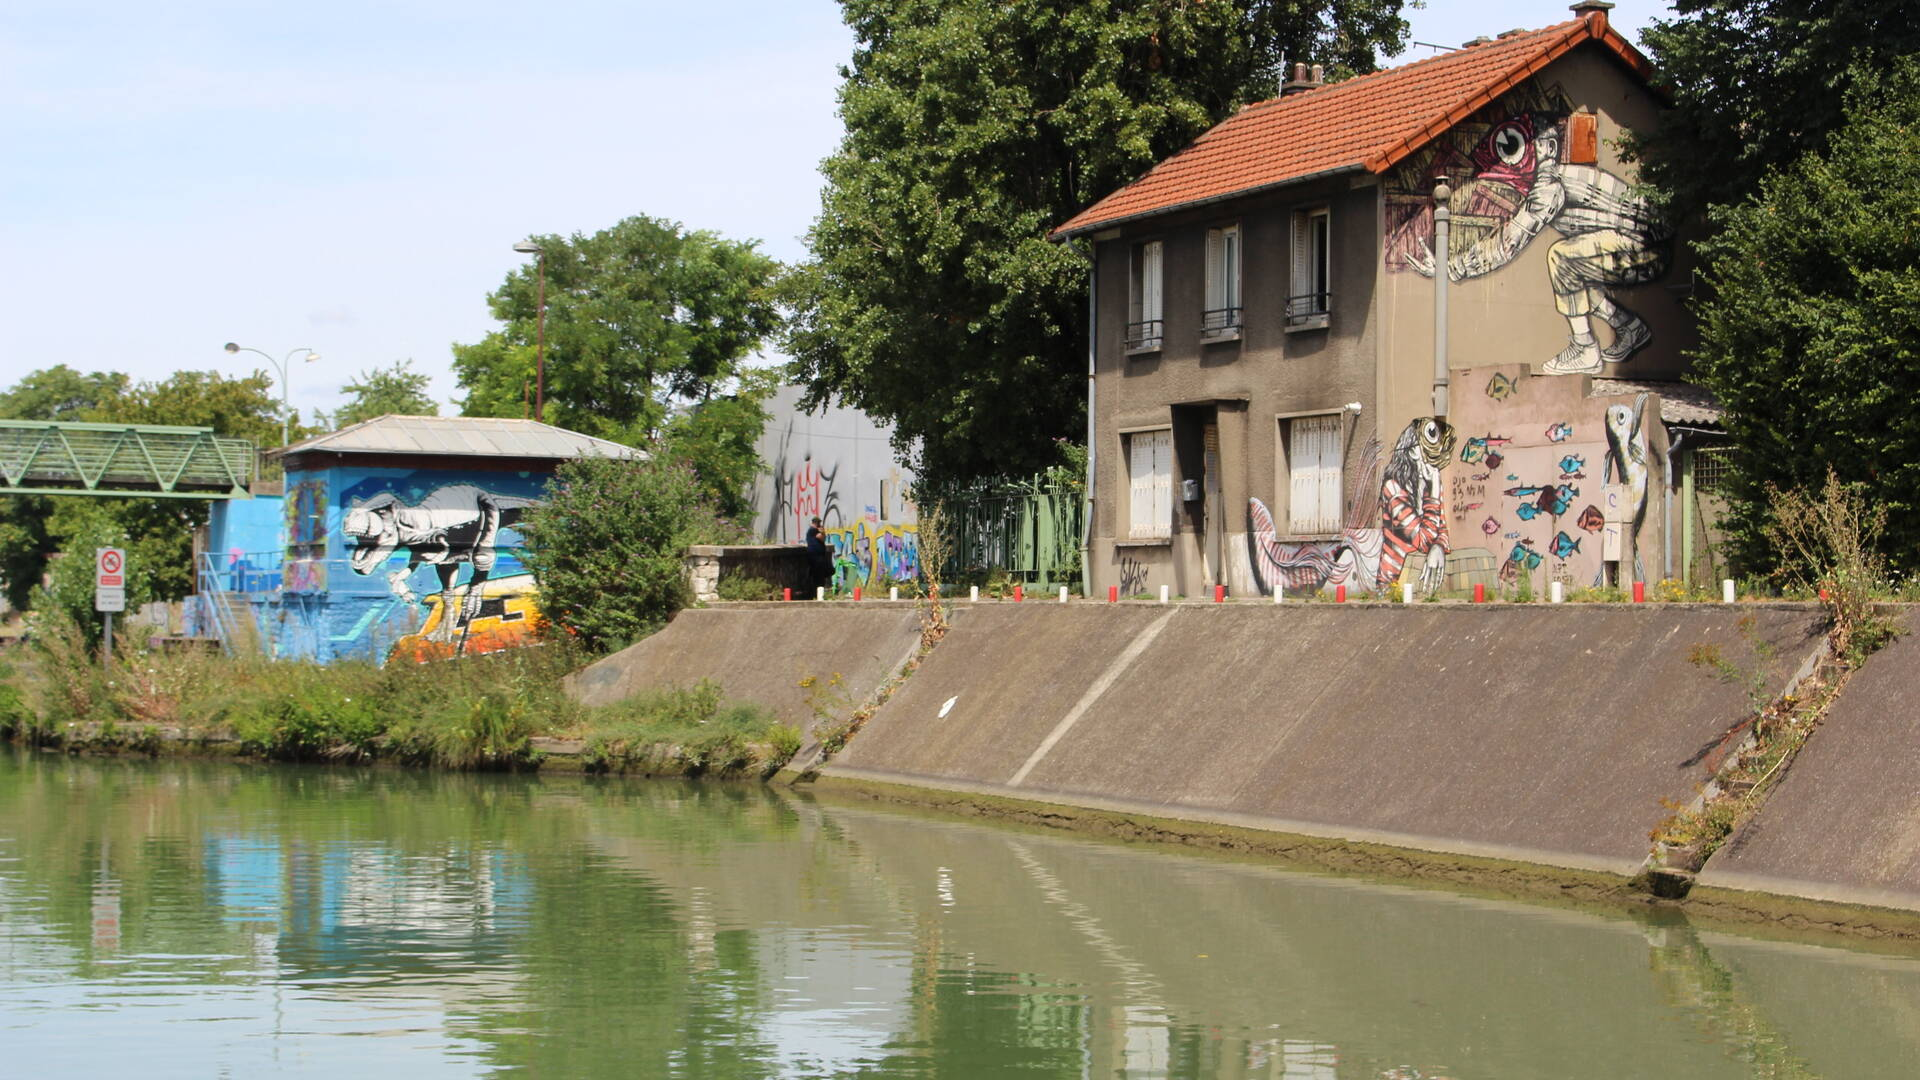 croisieres-street-art-avenue-office-tourisme-plaine-commune